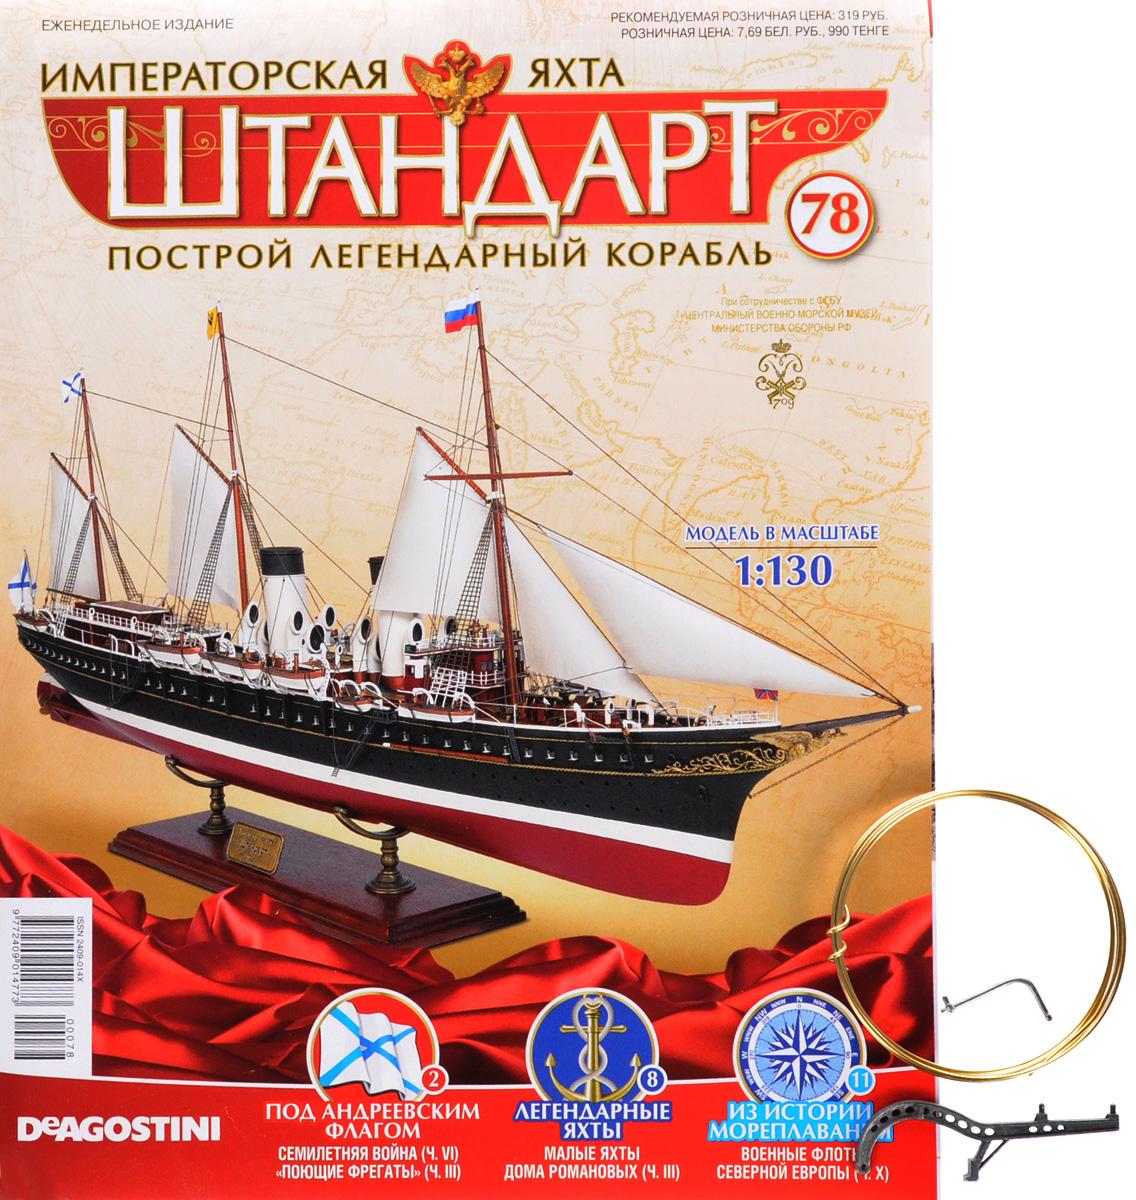 Журнал Императорская яхтаШТАНДАРТ №78